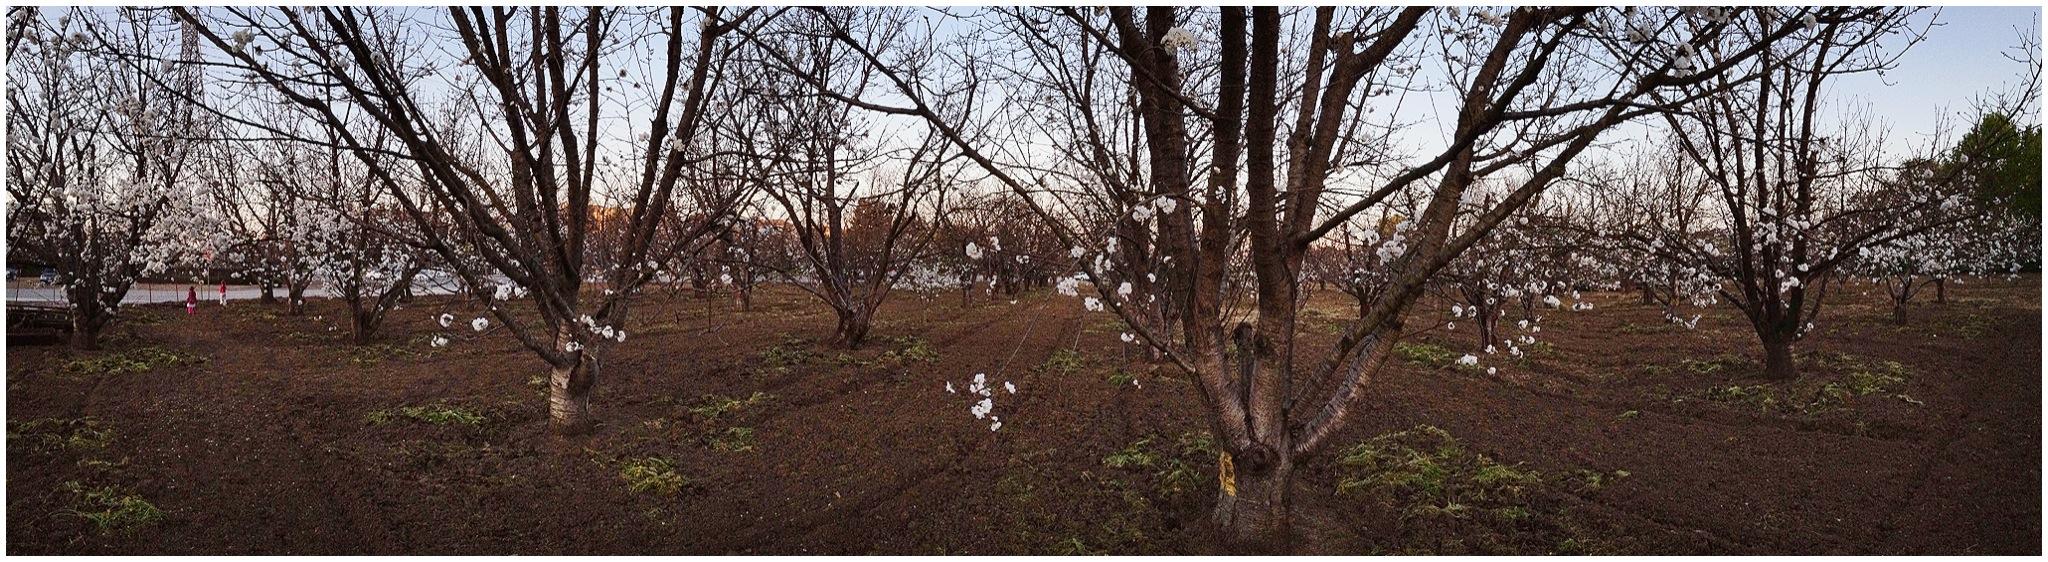 panoramic_iphone_photos_1